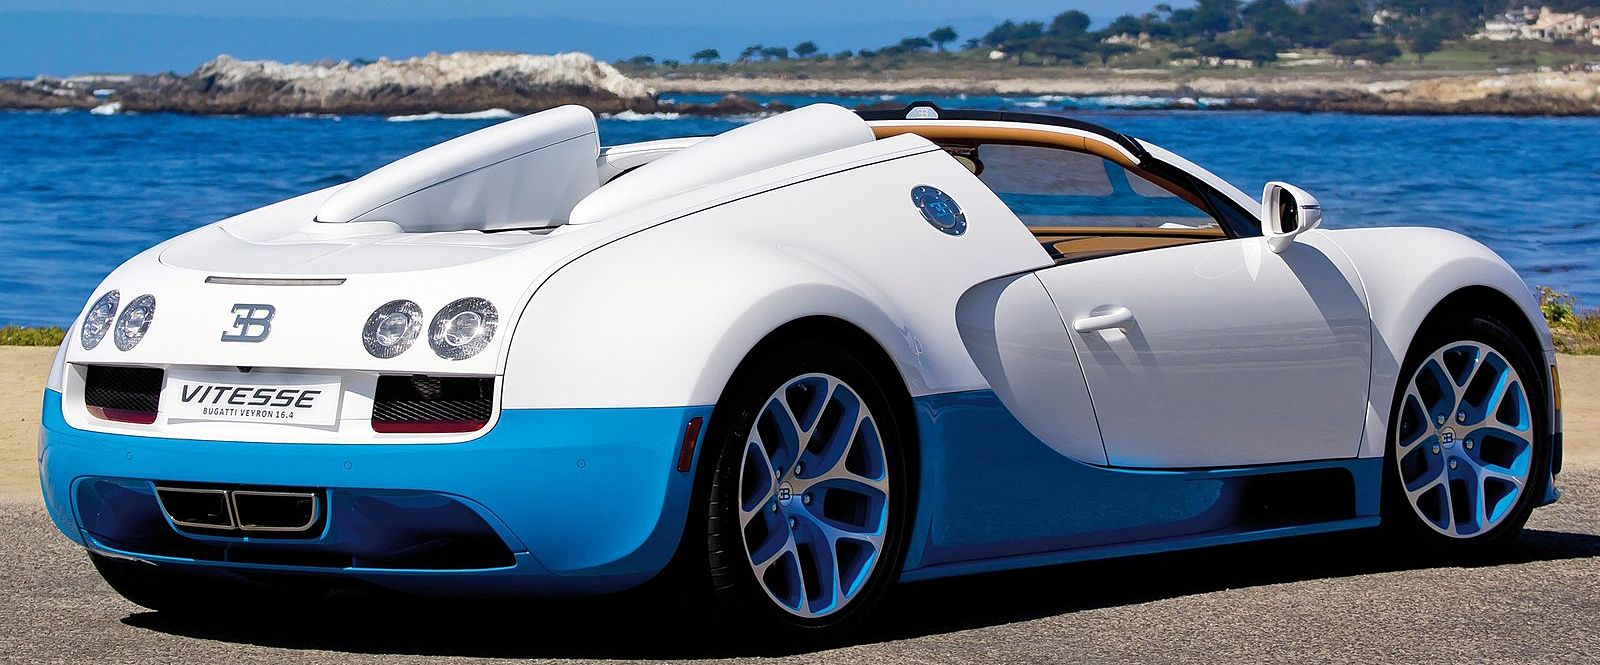 Bugatti Veyron, adiós a una leyenda... que continuará |Motor| EL MUNDO